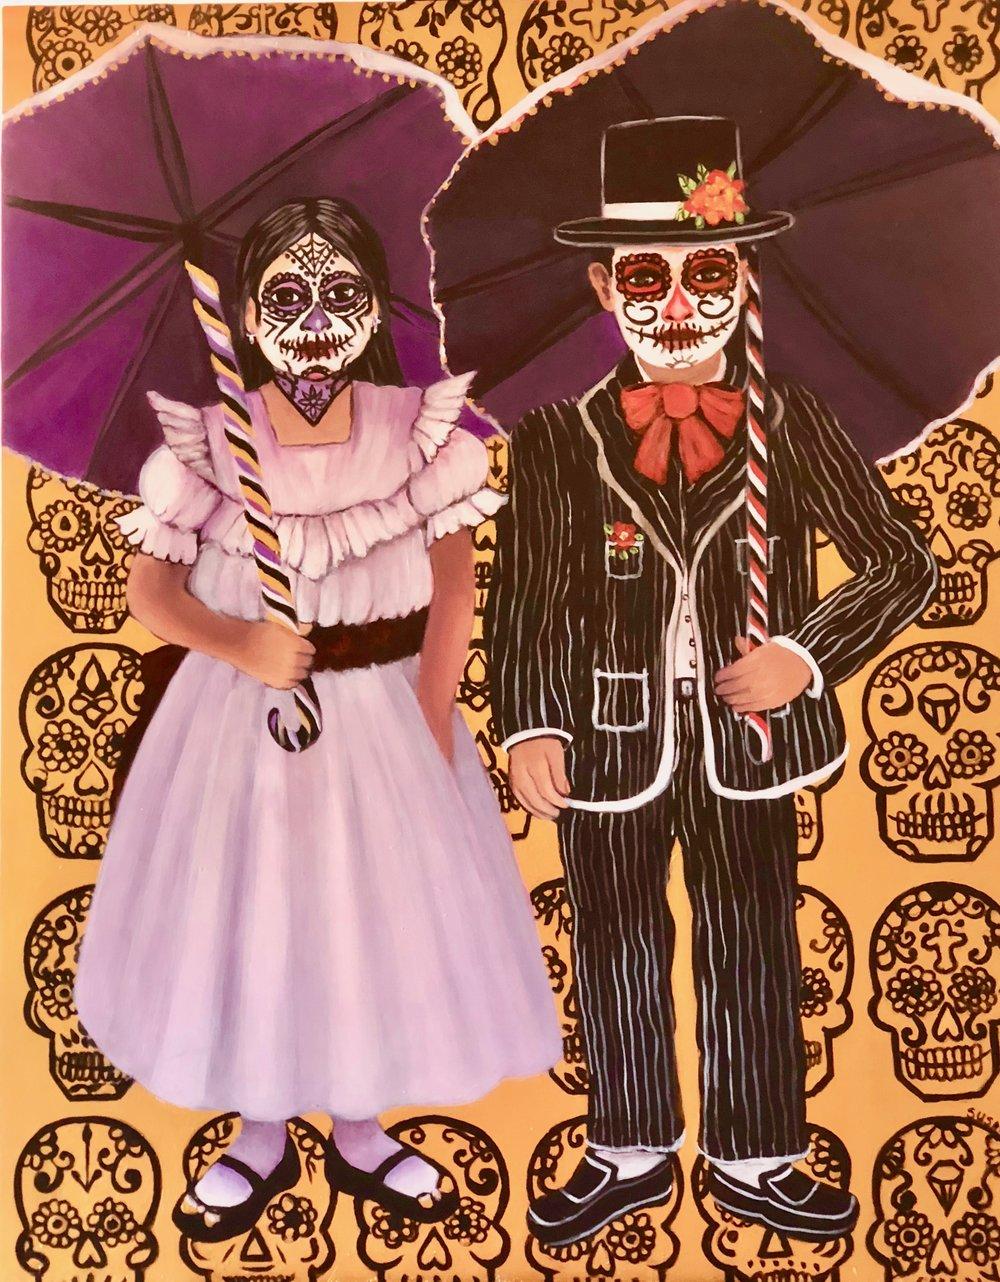 Susan Santiago Dia de Los Muertos- 20 x 24 inches  Acrylic on Wood Panel $850 USD.jpg